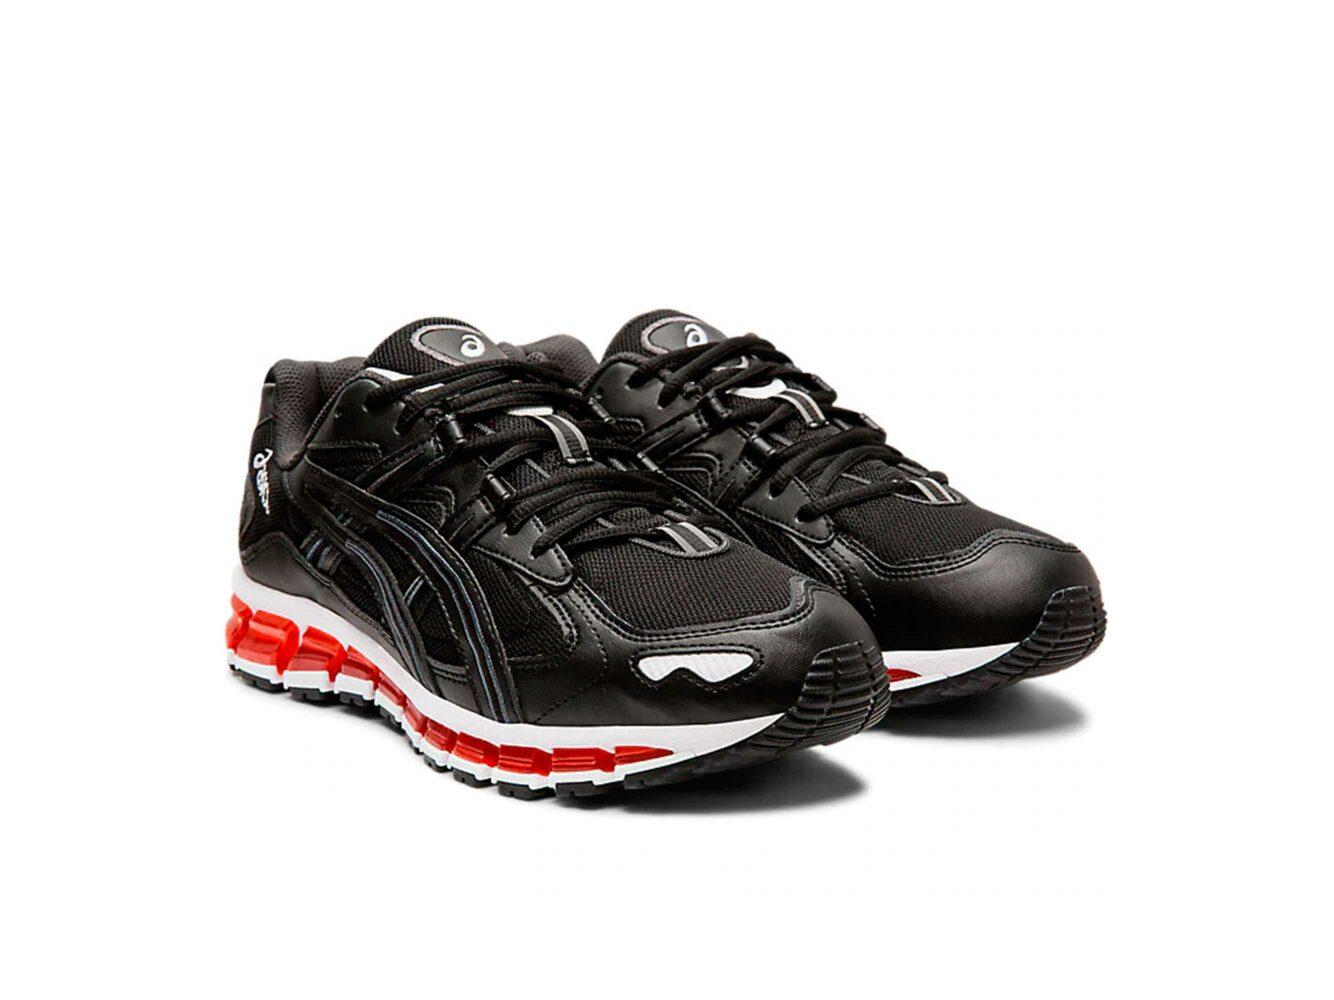 asics gel kayano 5 360 black black 1021A159 купить